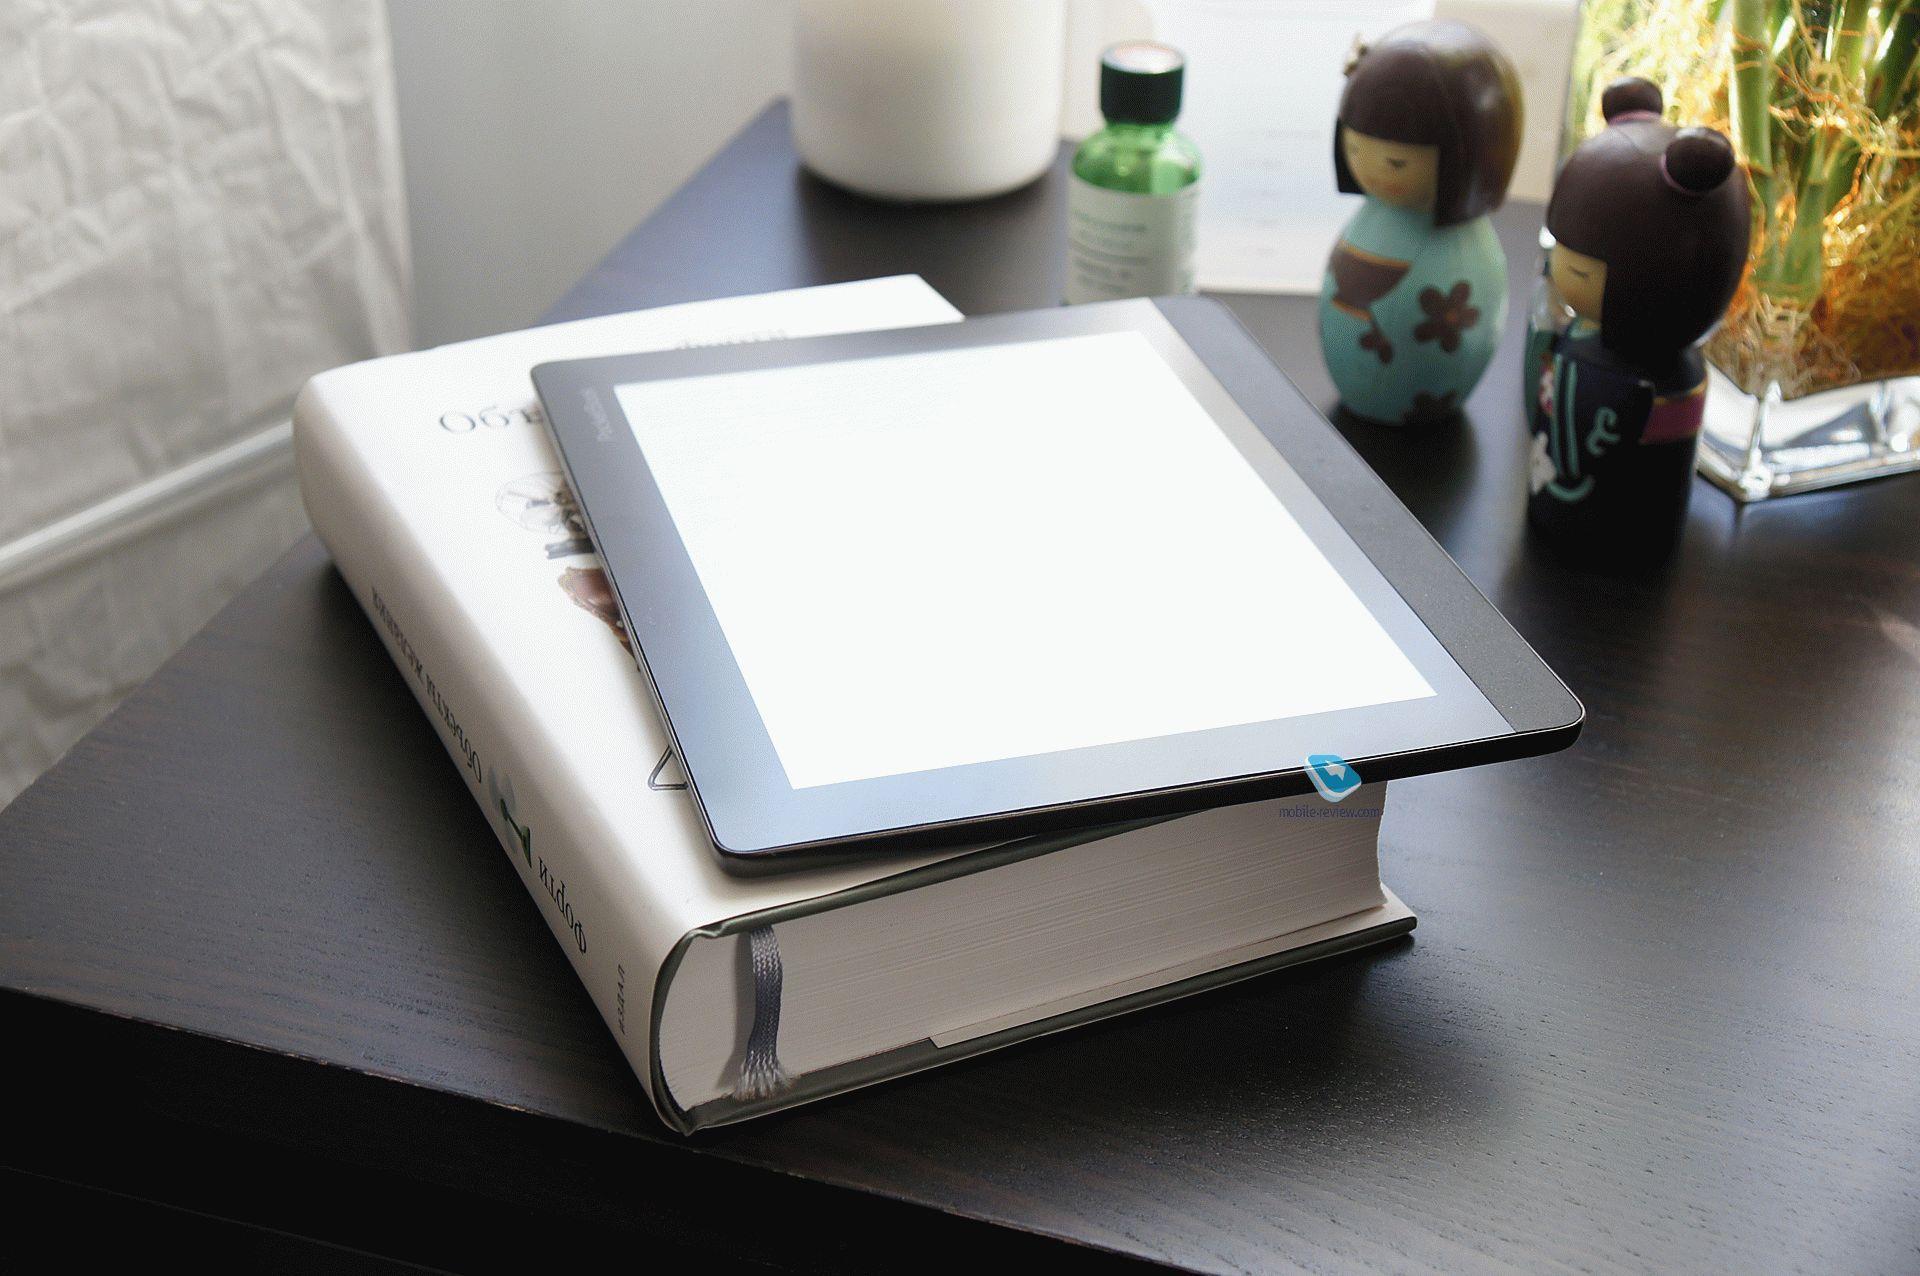 планшет, электронная книга, ридер